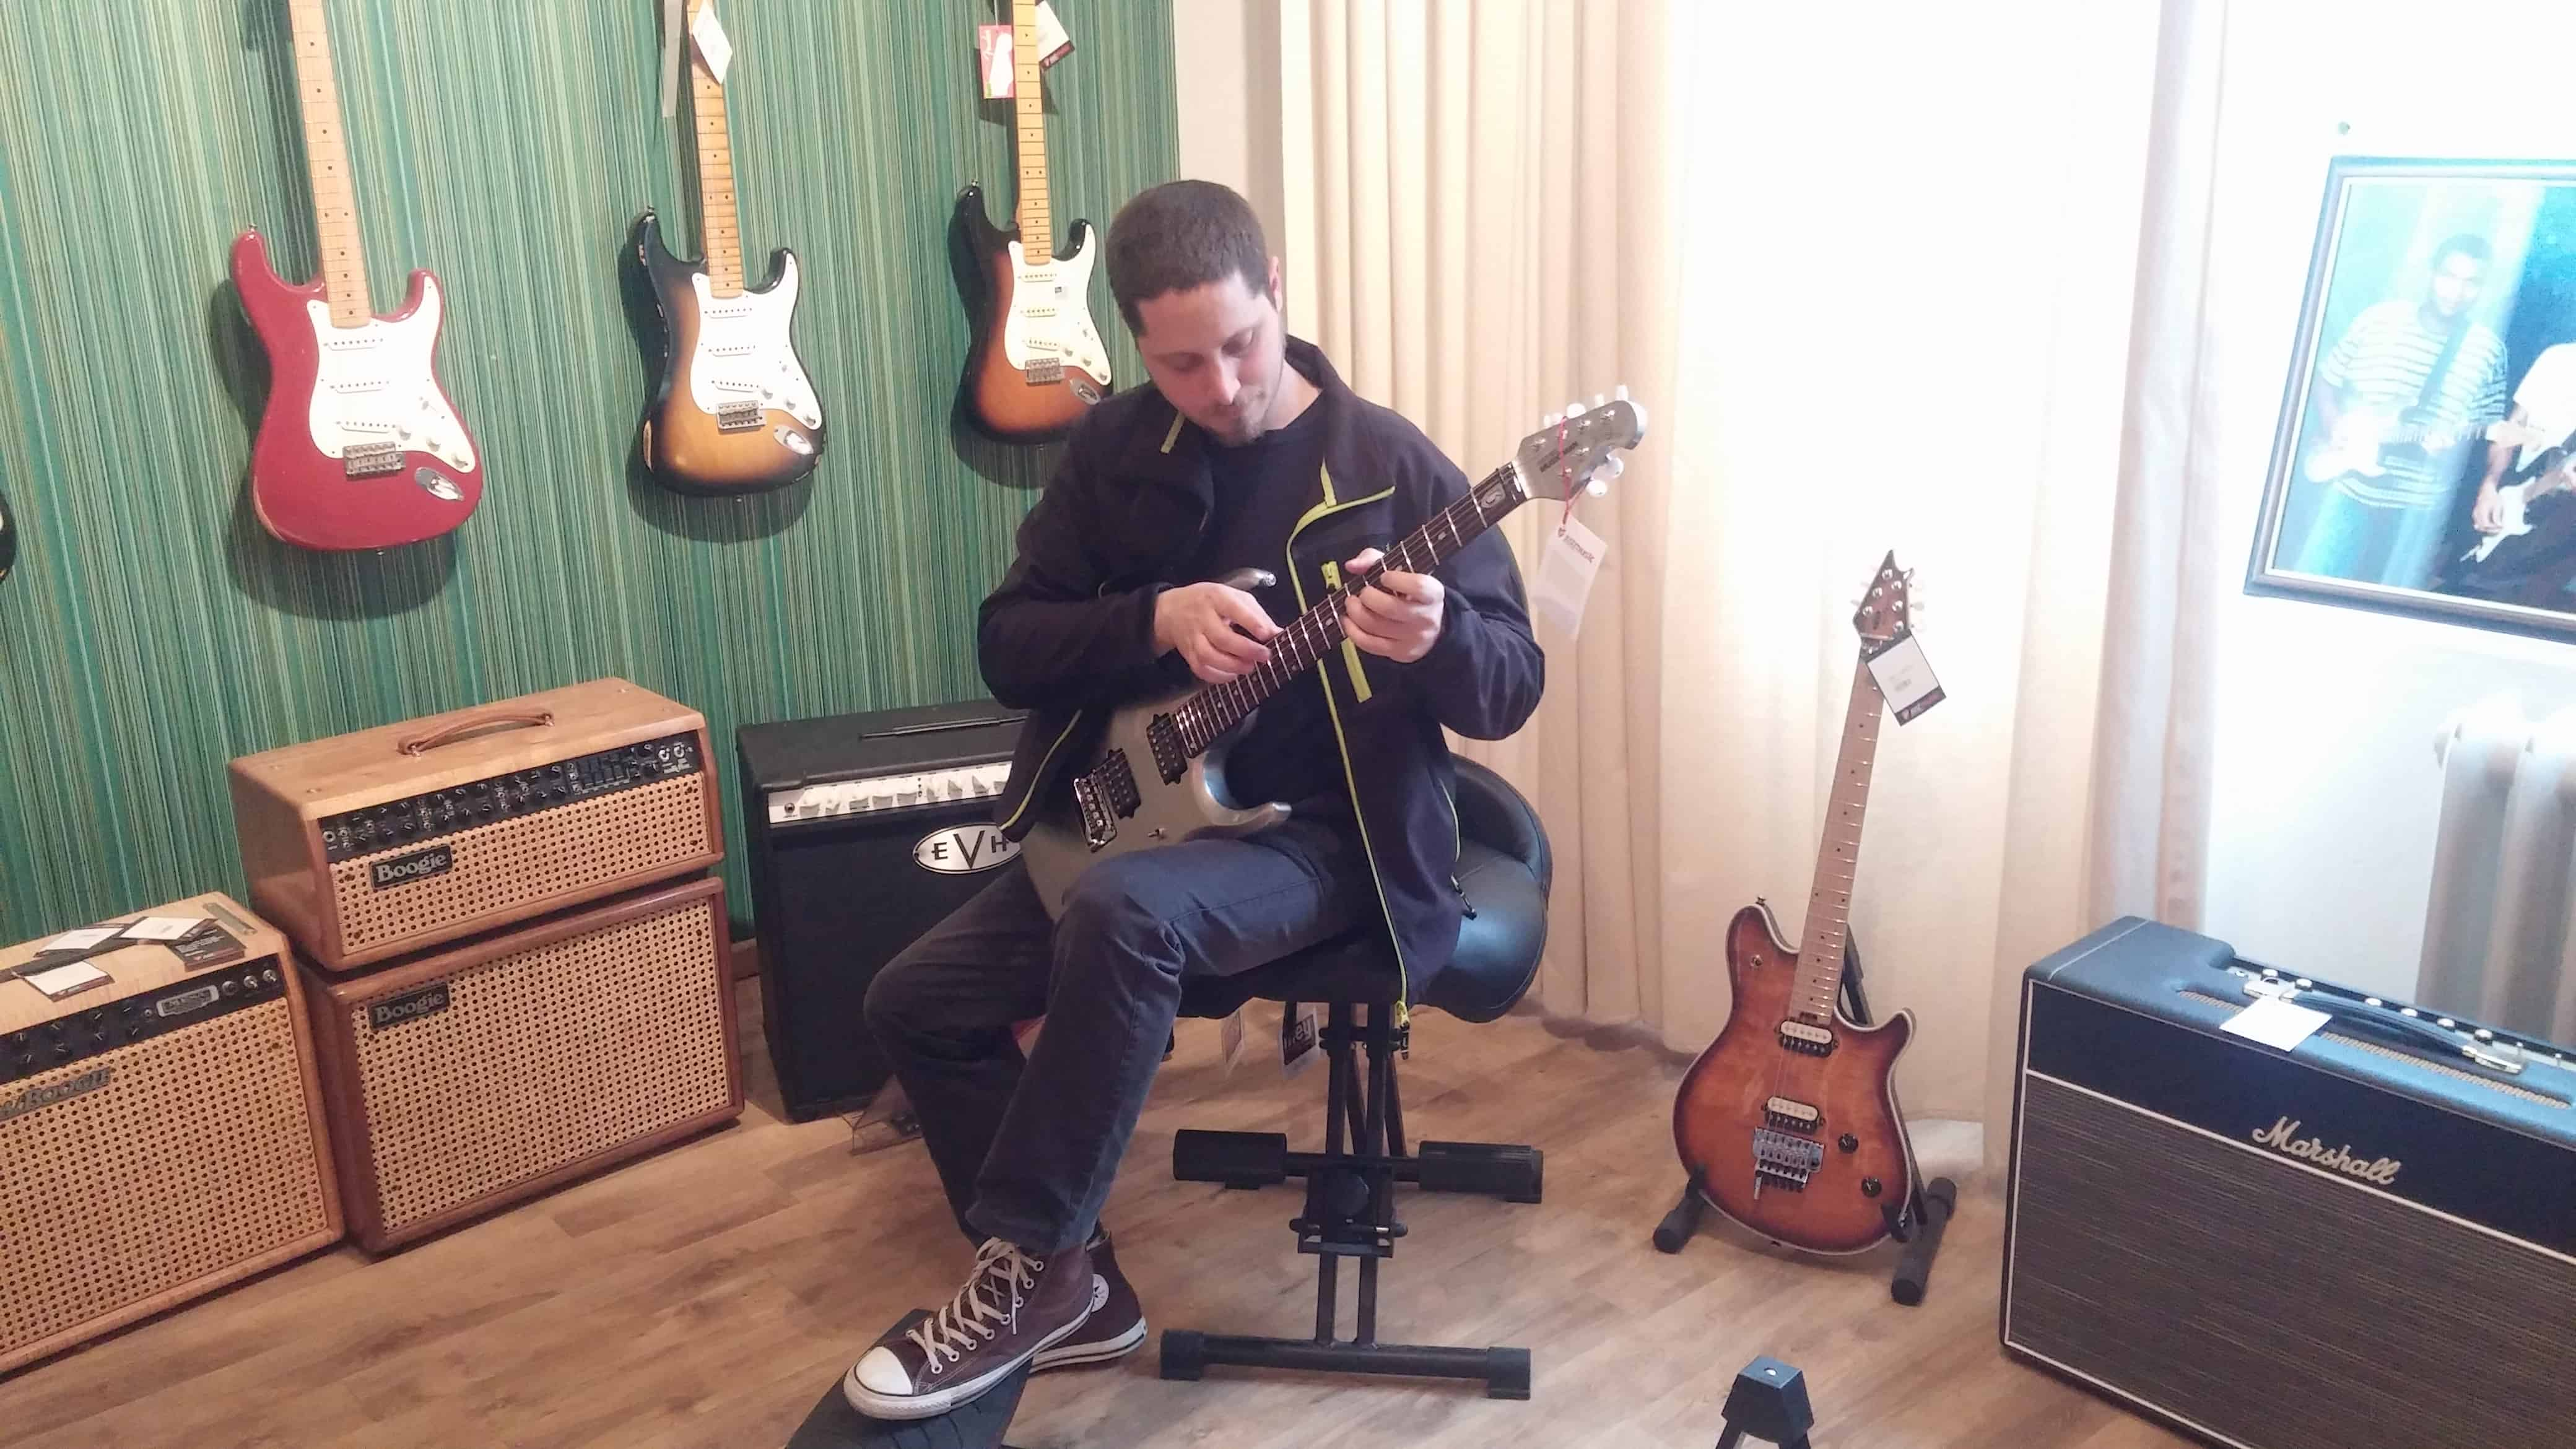 Yuval checking guitars at Just Music Berlin